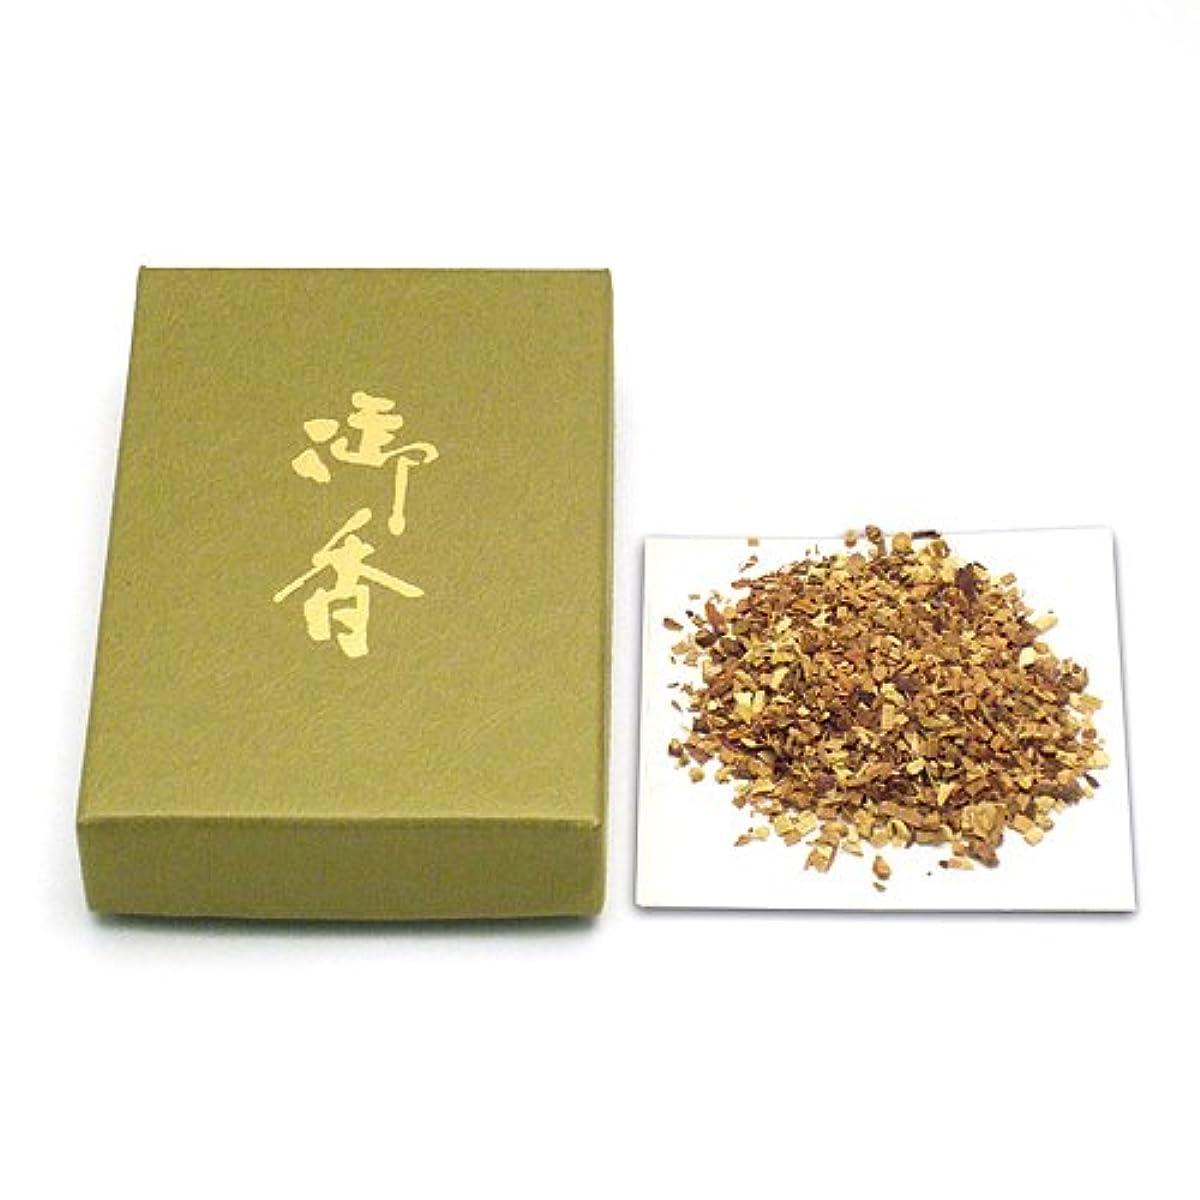 日常的に重くする精巧な焼香用御香 瑞薫印 25g◆お焼香用の御香